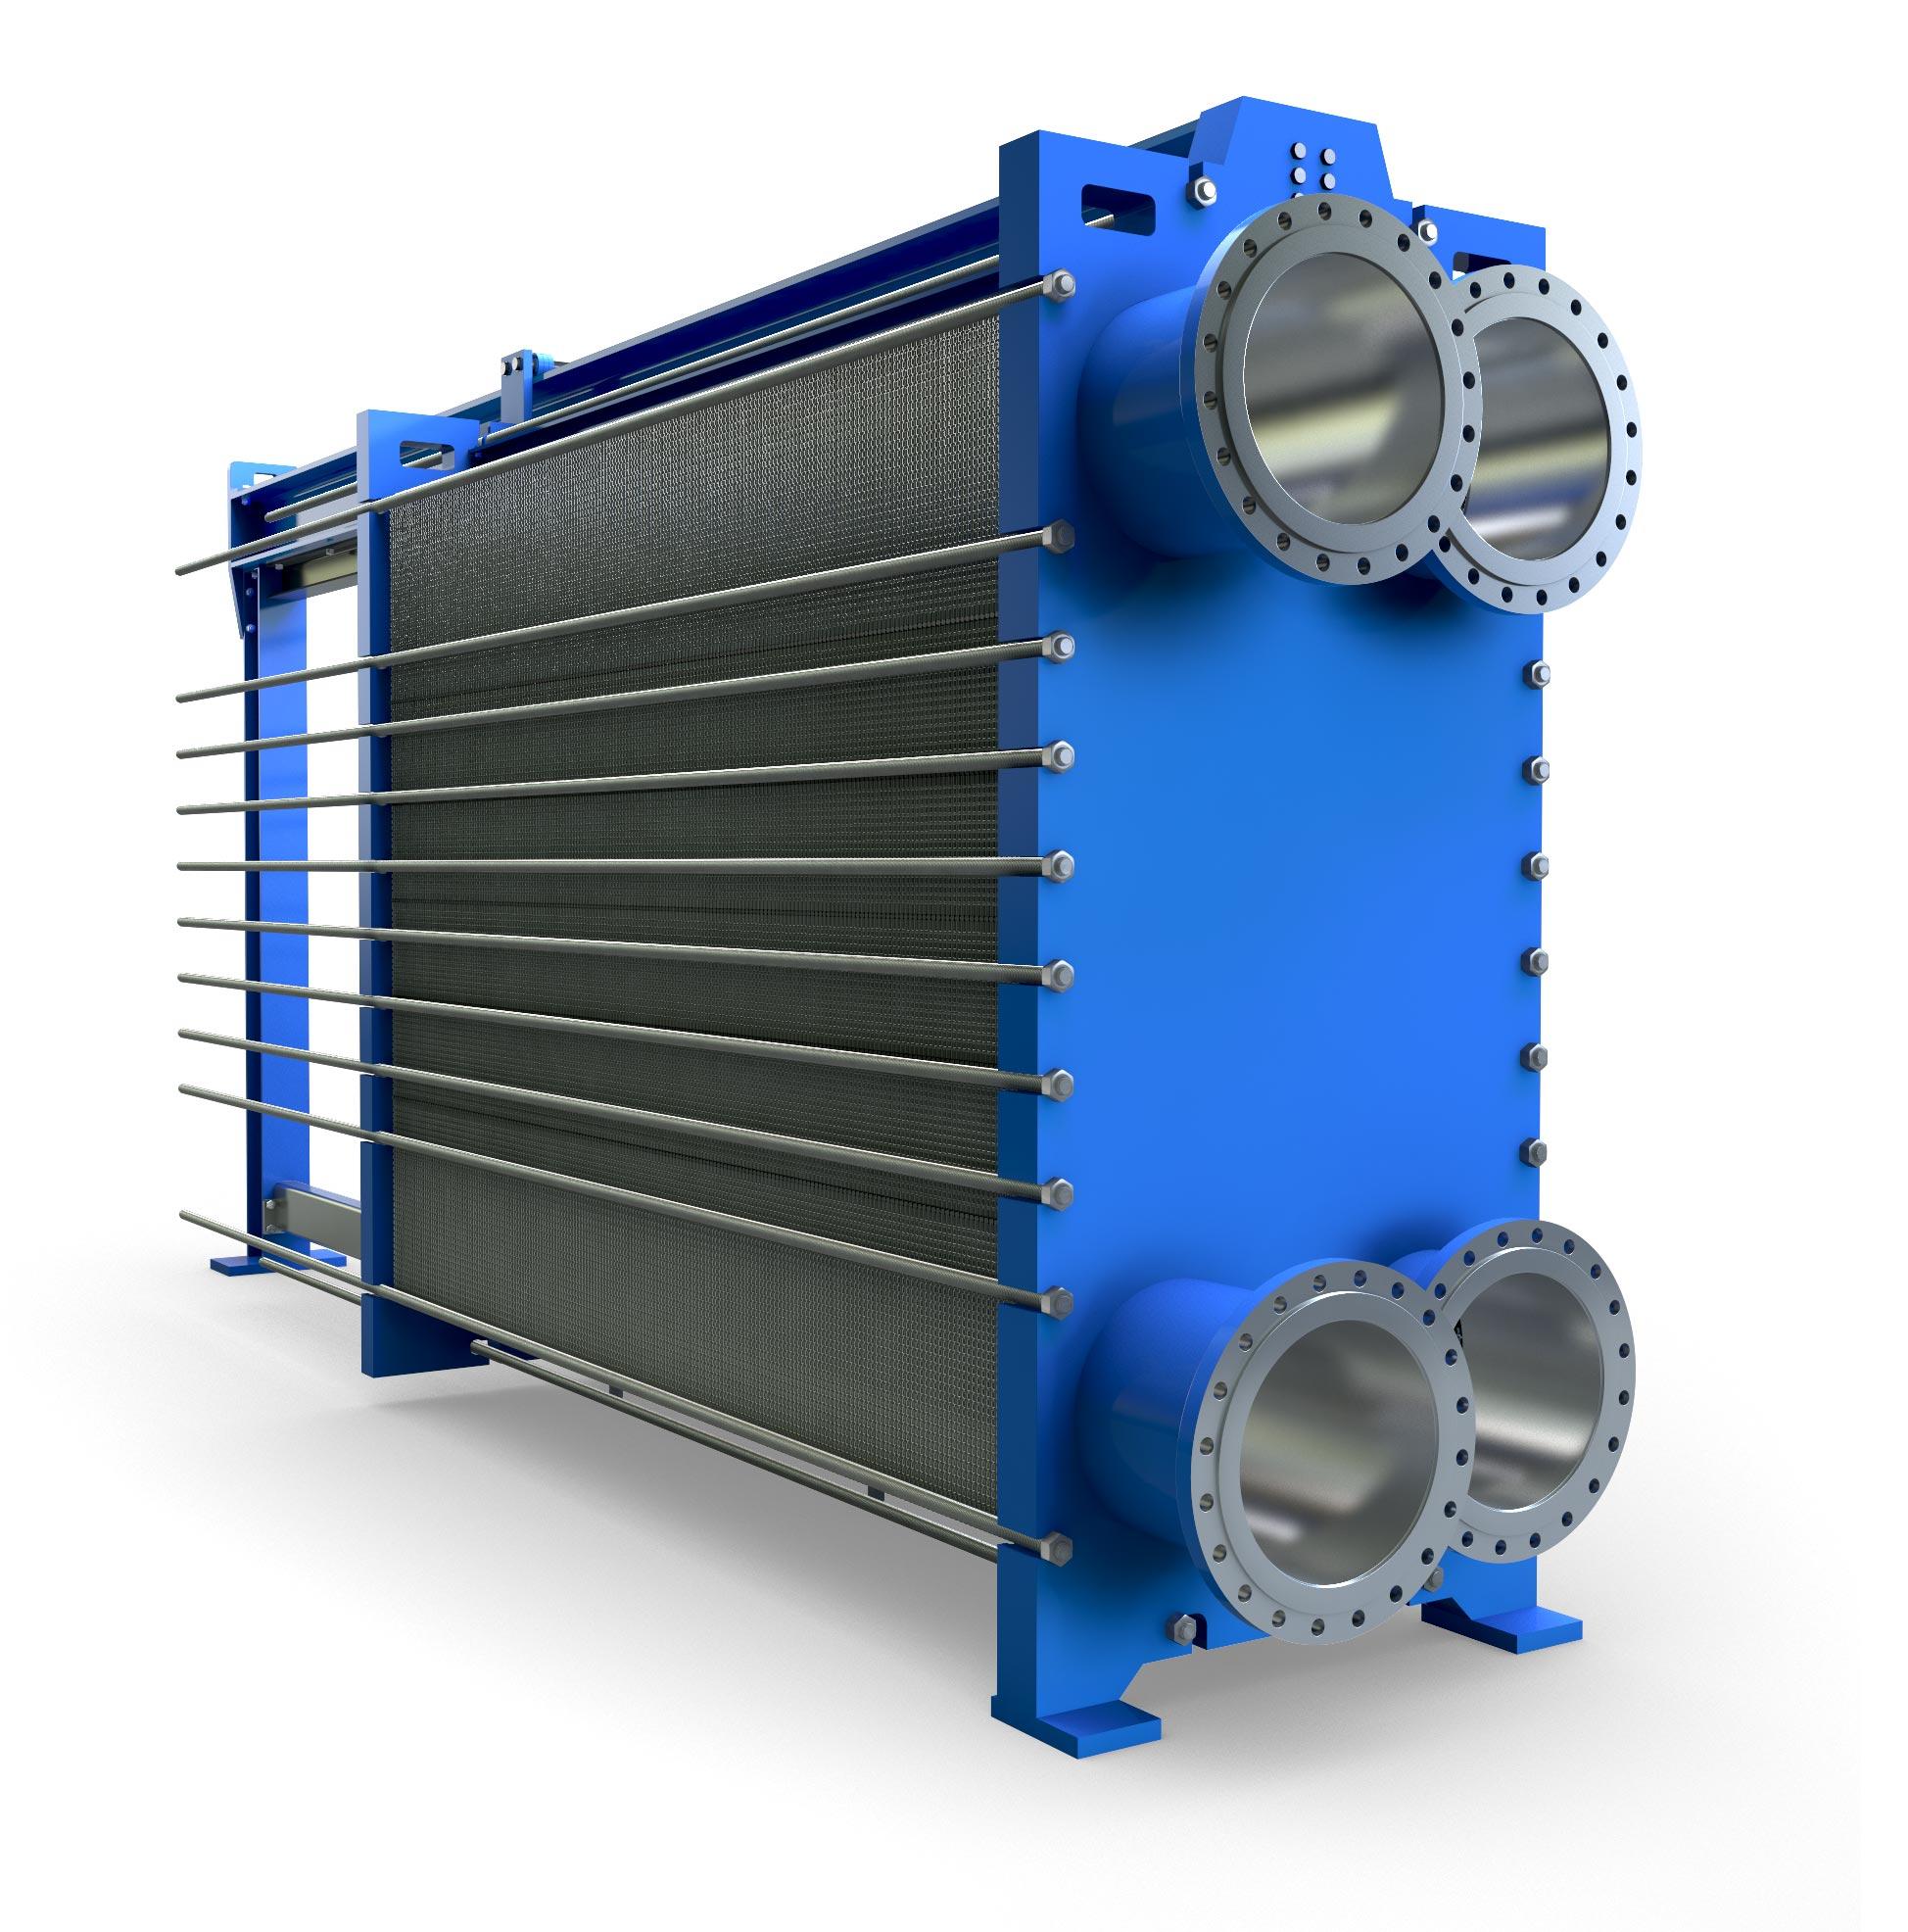 API Schmidt-Bretton M206 Bar & Plate Heat Exchanger